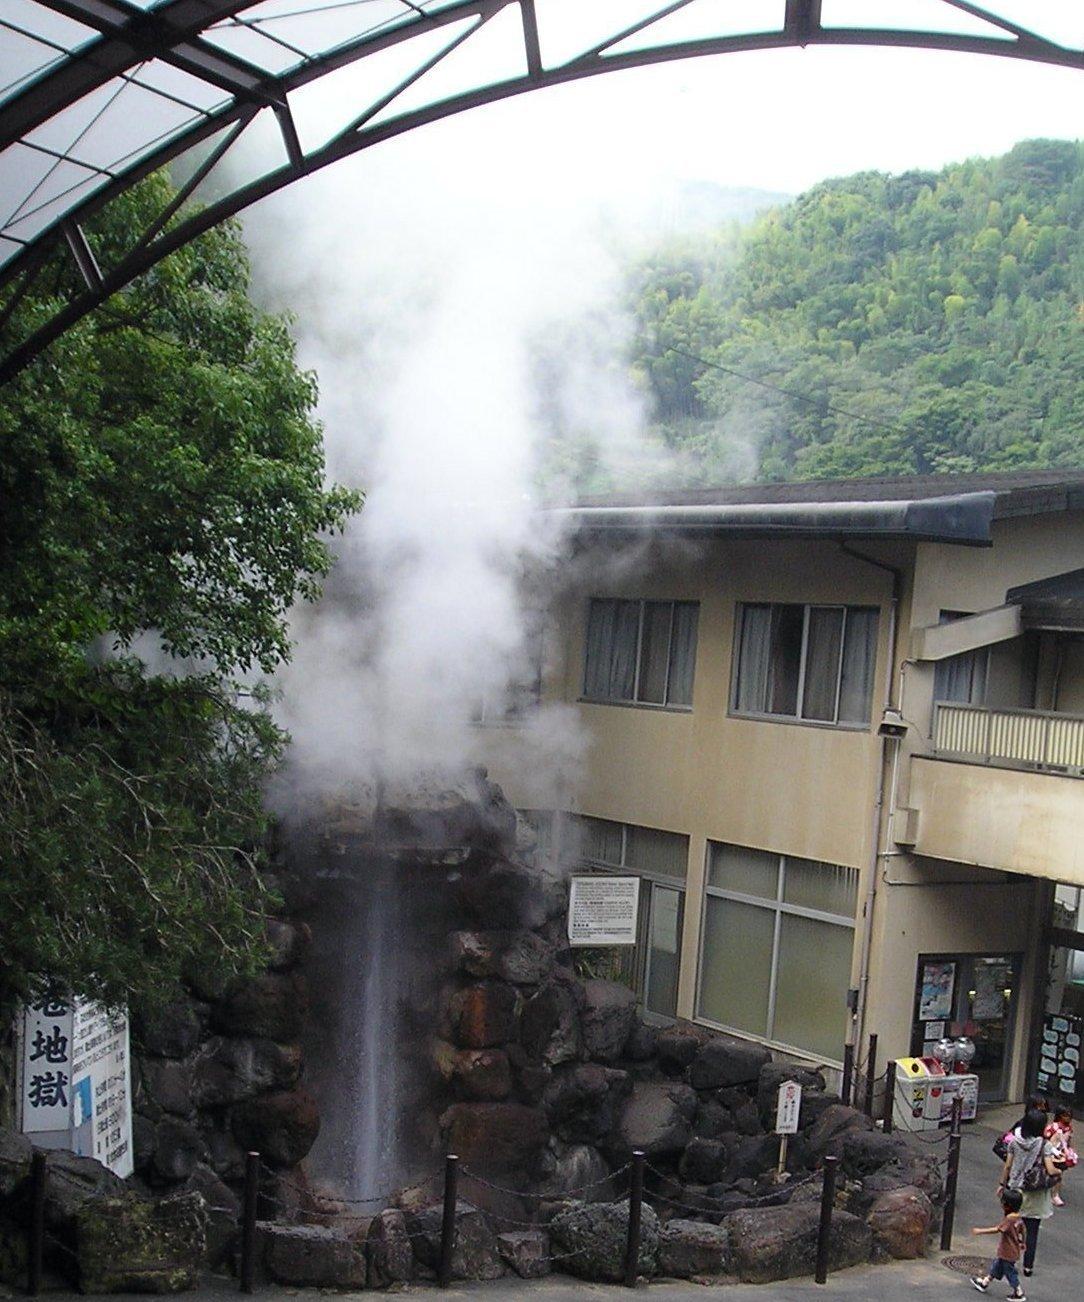 File:Tatsumaki Jigoku.jpg